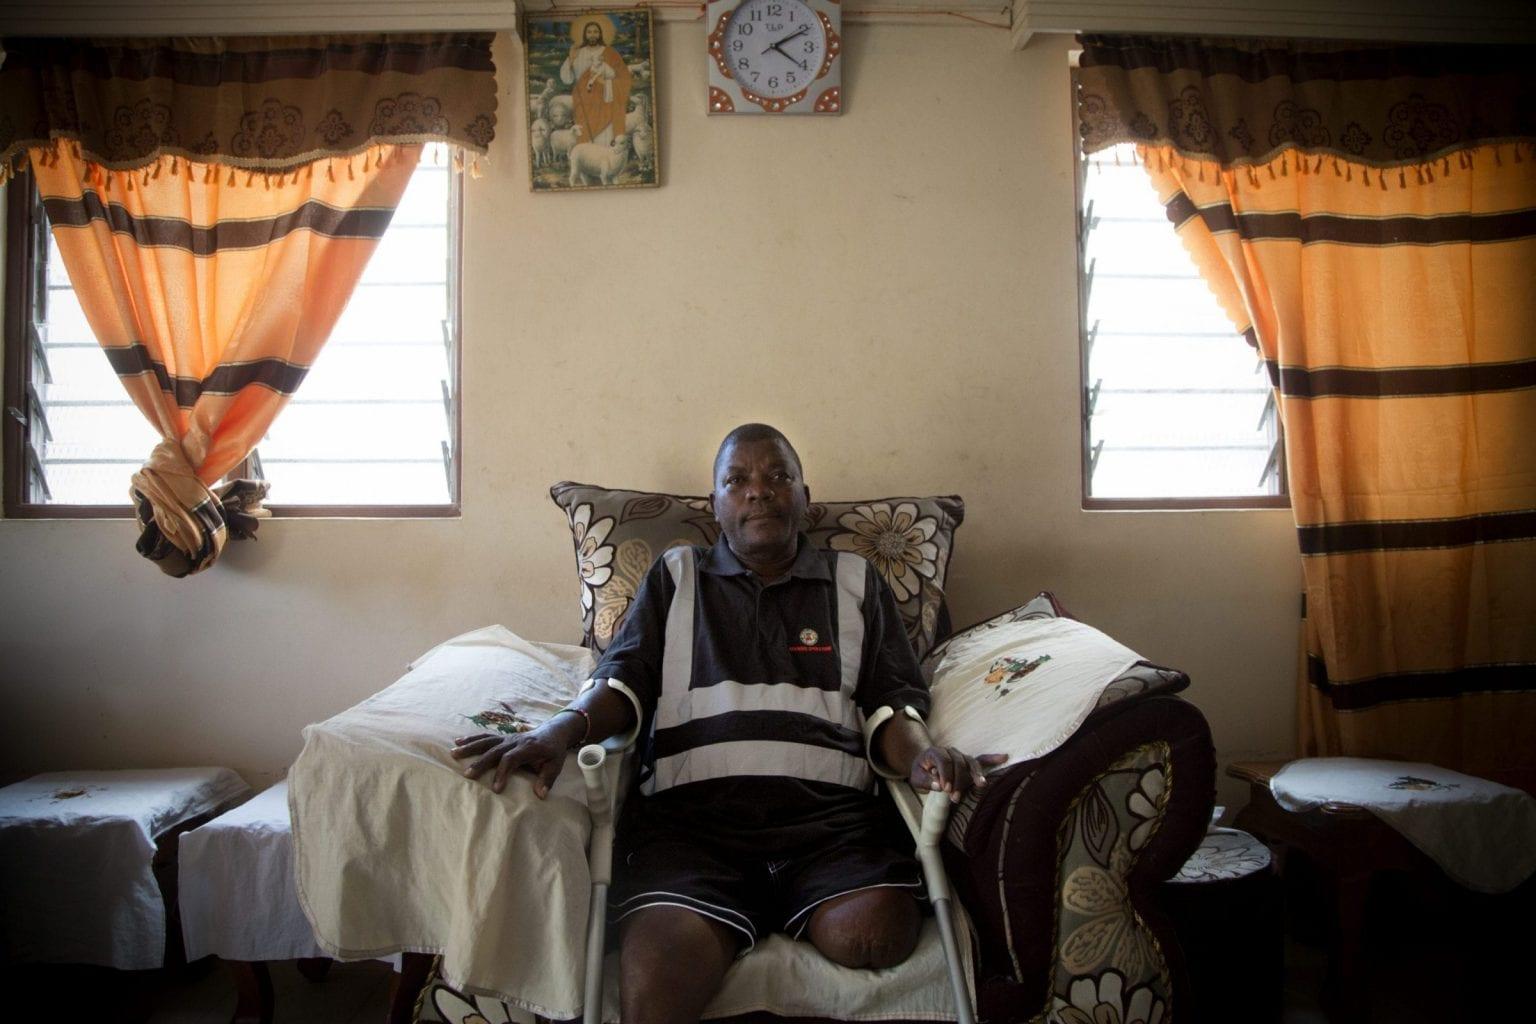 Stanley Mkoji Mwambingu rejser til nabolandet Tanzania for behandling, fordi støtten han får ikke rækker til de kenyanske hospitaler. Foto: Linda Bournane Engelberth